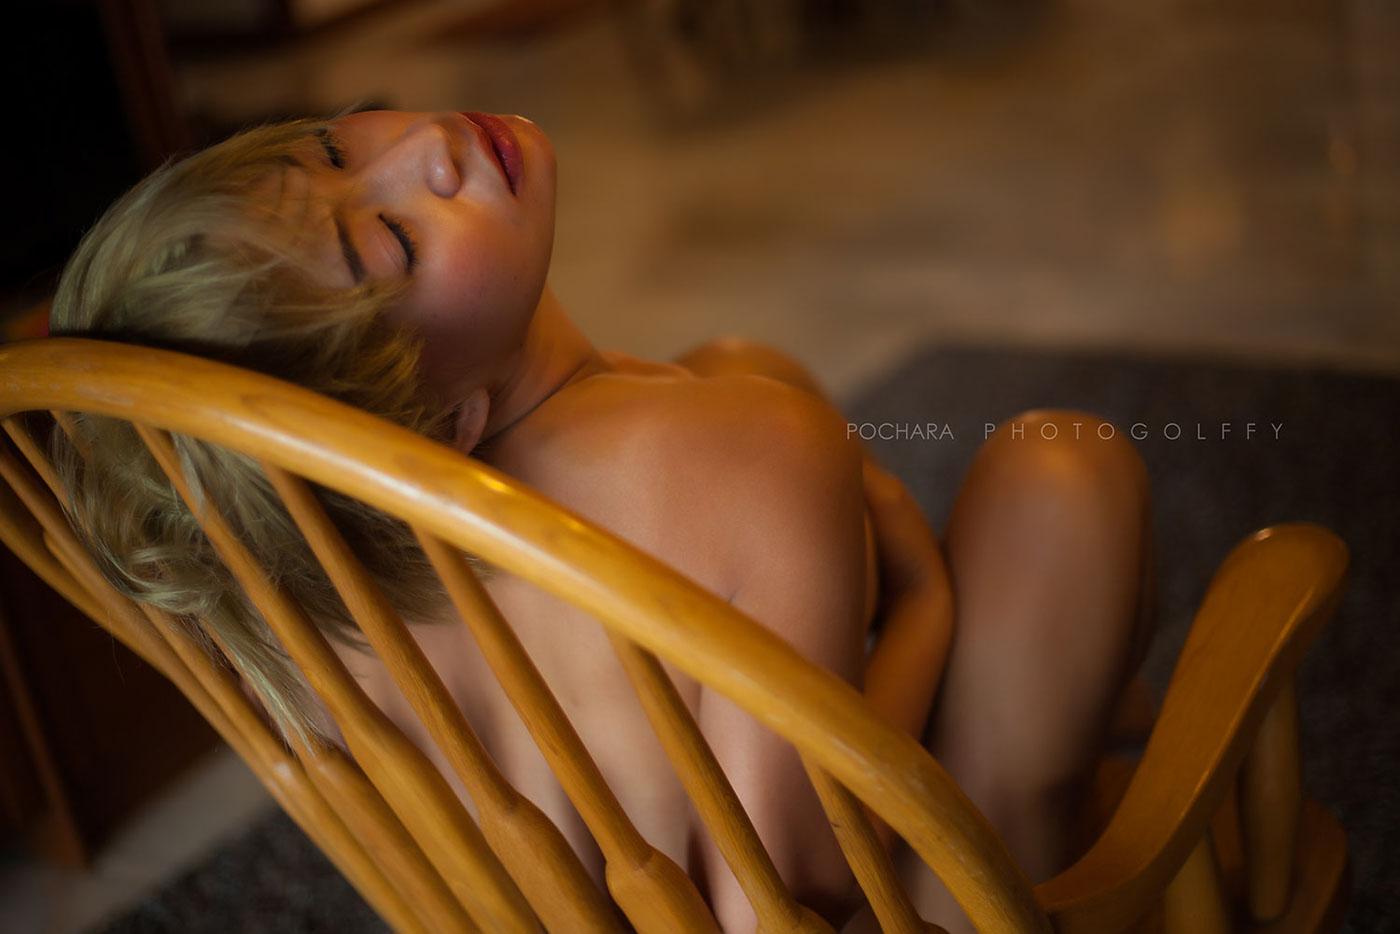 В плетеном кресле / Pochara Photogolffy